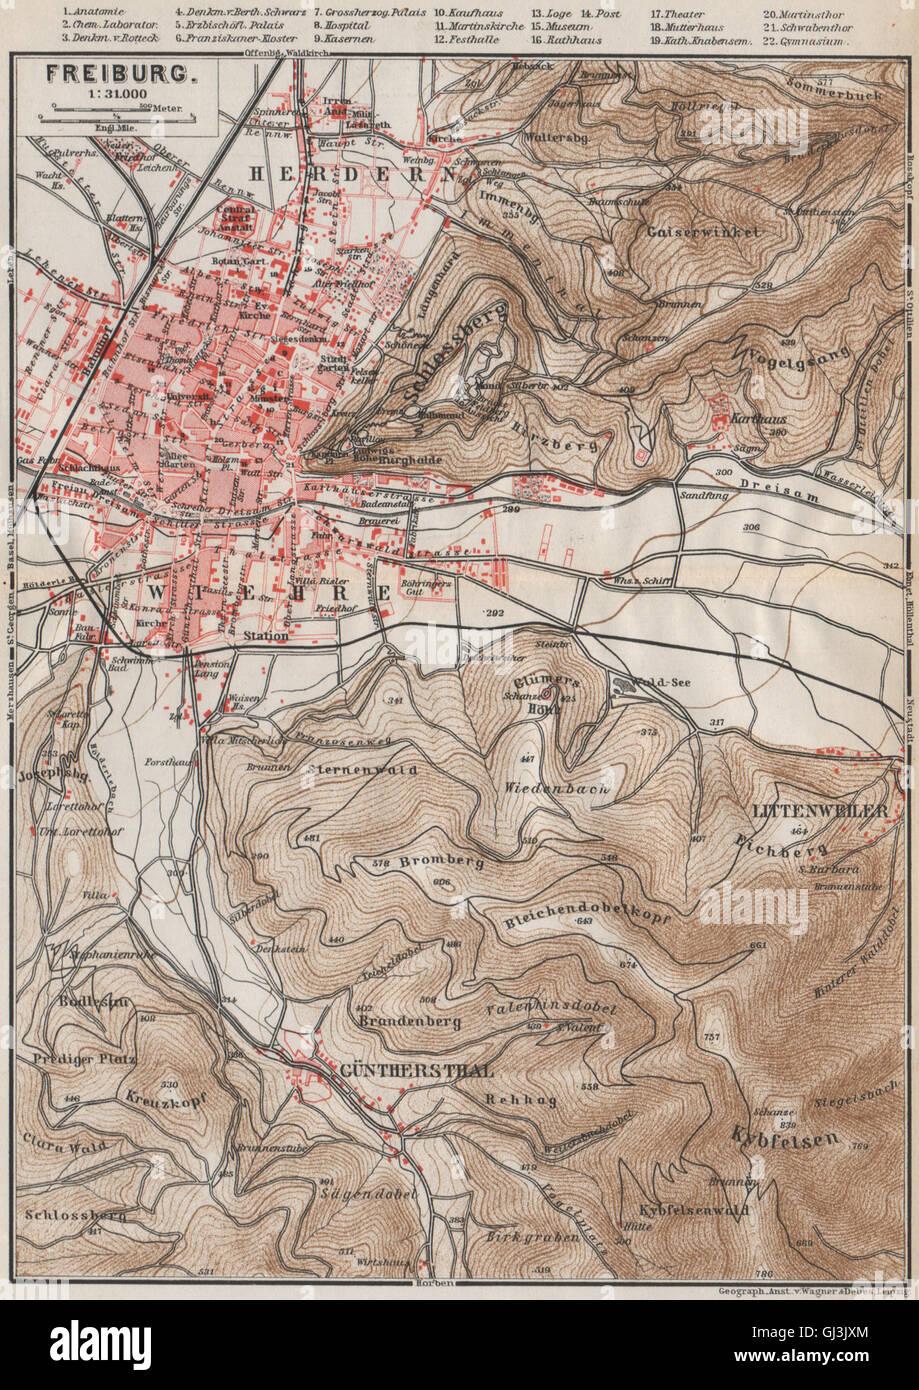 Europe Maps Neustadt An Der Weinstraße & Winzingen Neustadt An Der Haardt Karte 1906 Map